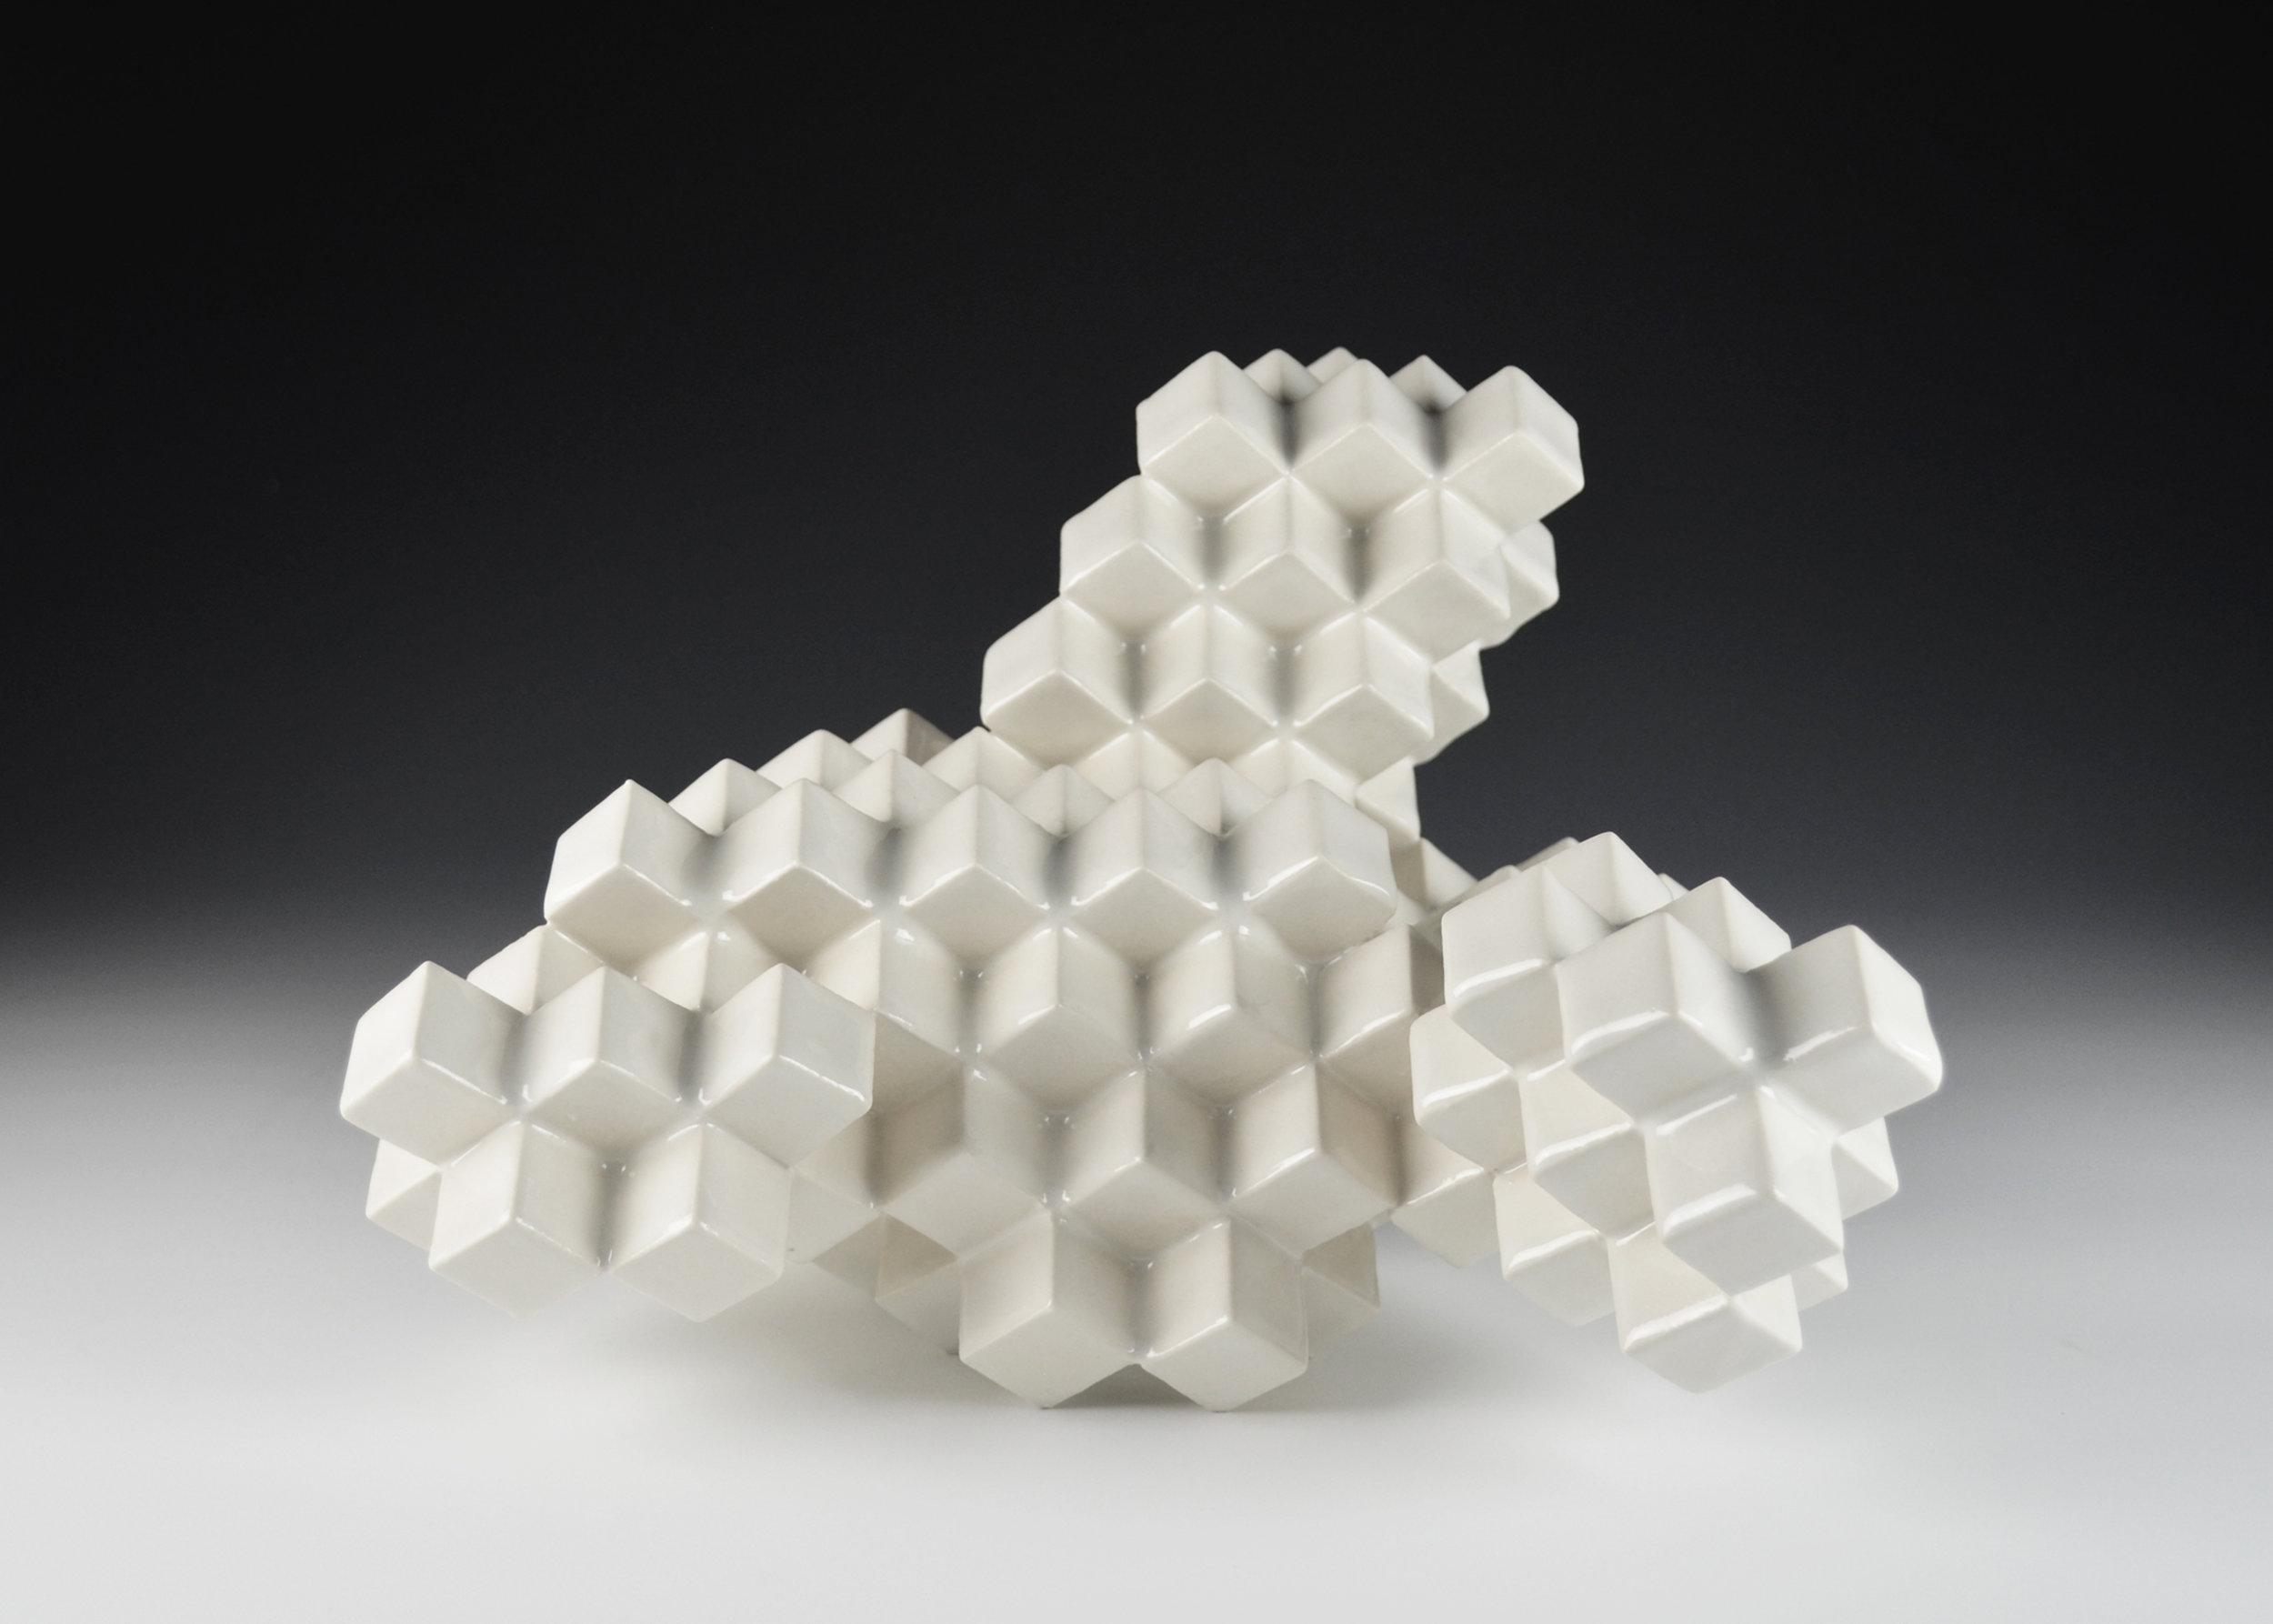 Cubic Series: Construction VIII  |  10 x 12 x 11 inches  |  Porcelain, Glaze  |  2017